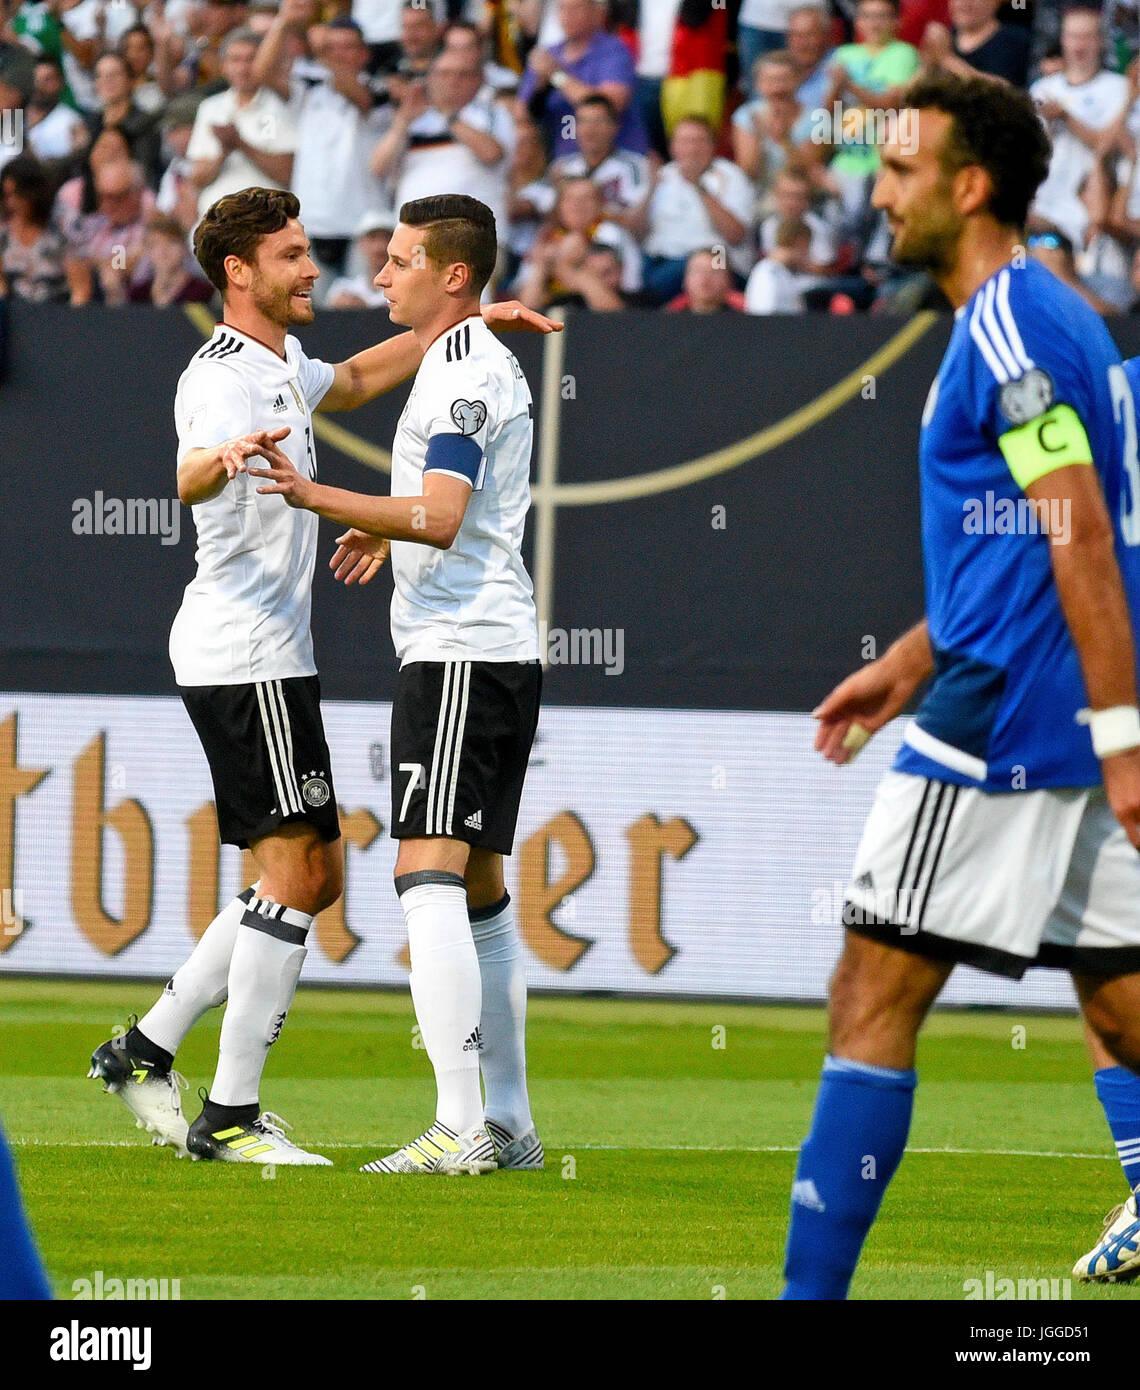 10.06.2017, Fussball Länderspiel WM-Qualifikation, Deutschland - San Marino, im Stadion Nürnberg. Torjubel 1:0 von Stock Photo